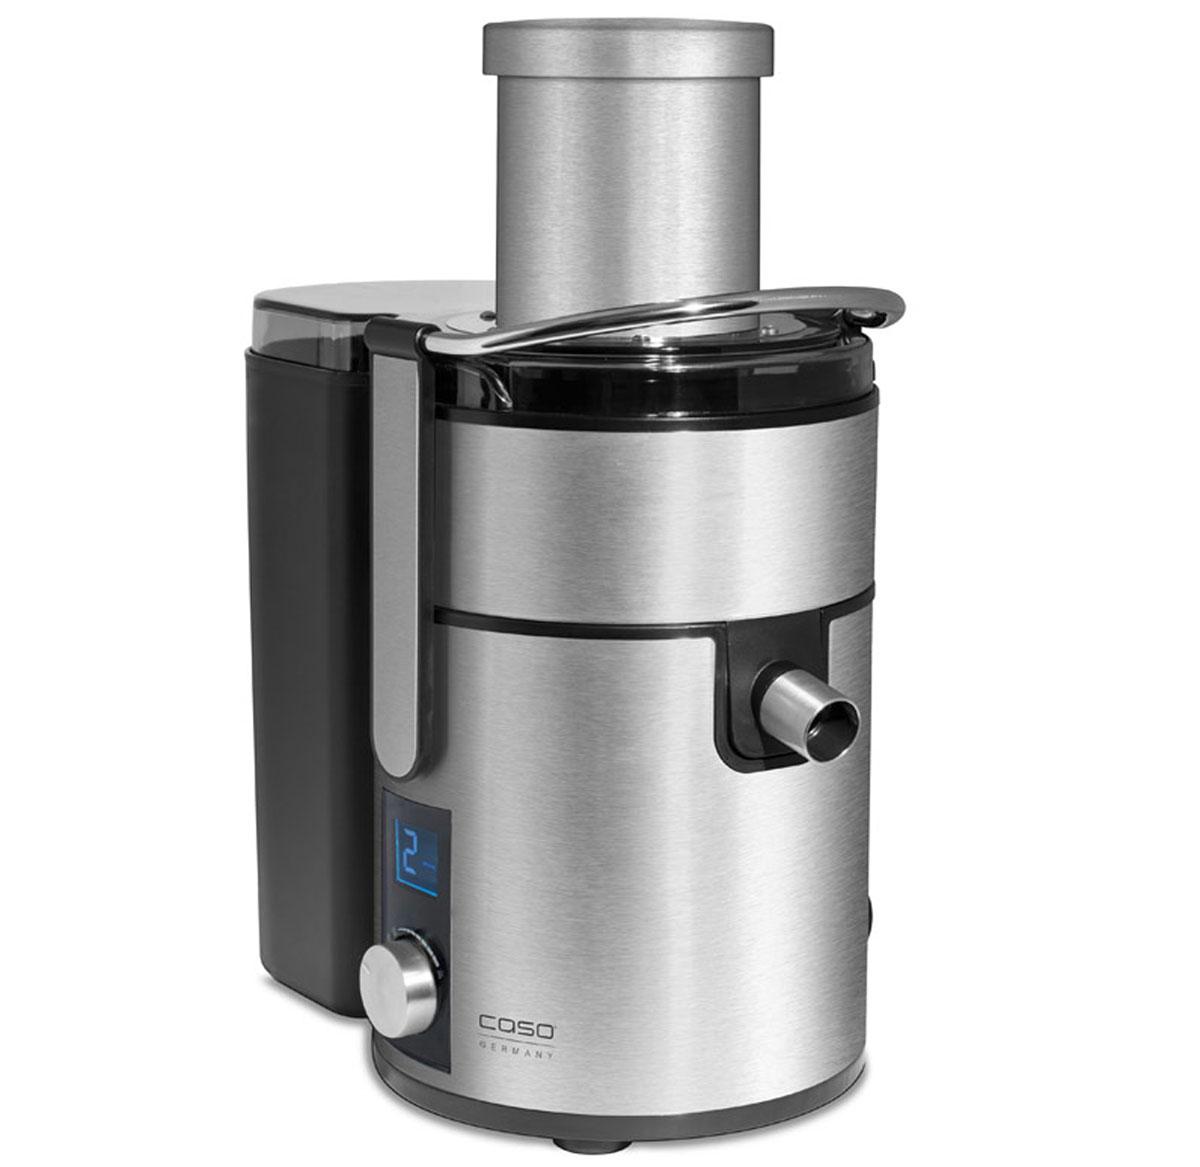 CASO PJ1000 соковыжималкаPJ 1000Высококачественная соковыжималка CASO PJ1000 идеально подойдет вашей кухне благодаря современному и очень красивому дизайну. Данная модель станет надежным источником витаминов и энзимов, позволяя выдавливать сок практически из любых продуктов, независимо от их твердости. Мощность в 800 Вт дает возможность быстро получать ароматный и насыщенный сок, даже при обработке твердых фруктов и овощейБлагодаря широкой загрузочной горловине 85 мм есть возможность загрузить целые фрукты и овощи.